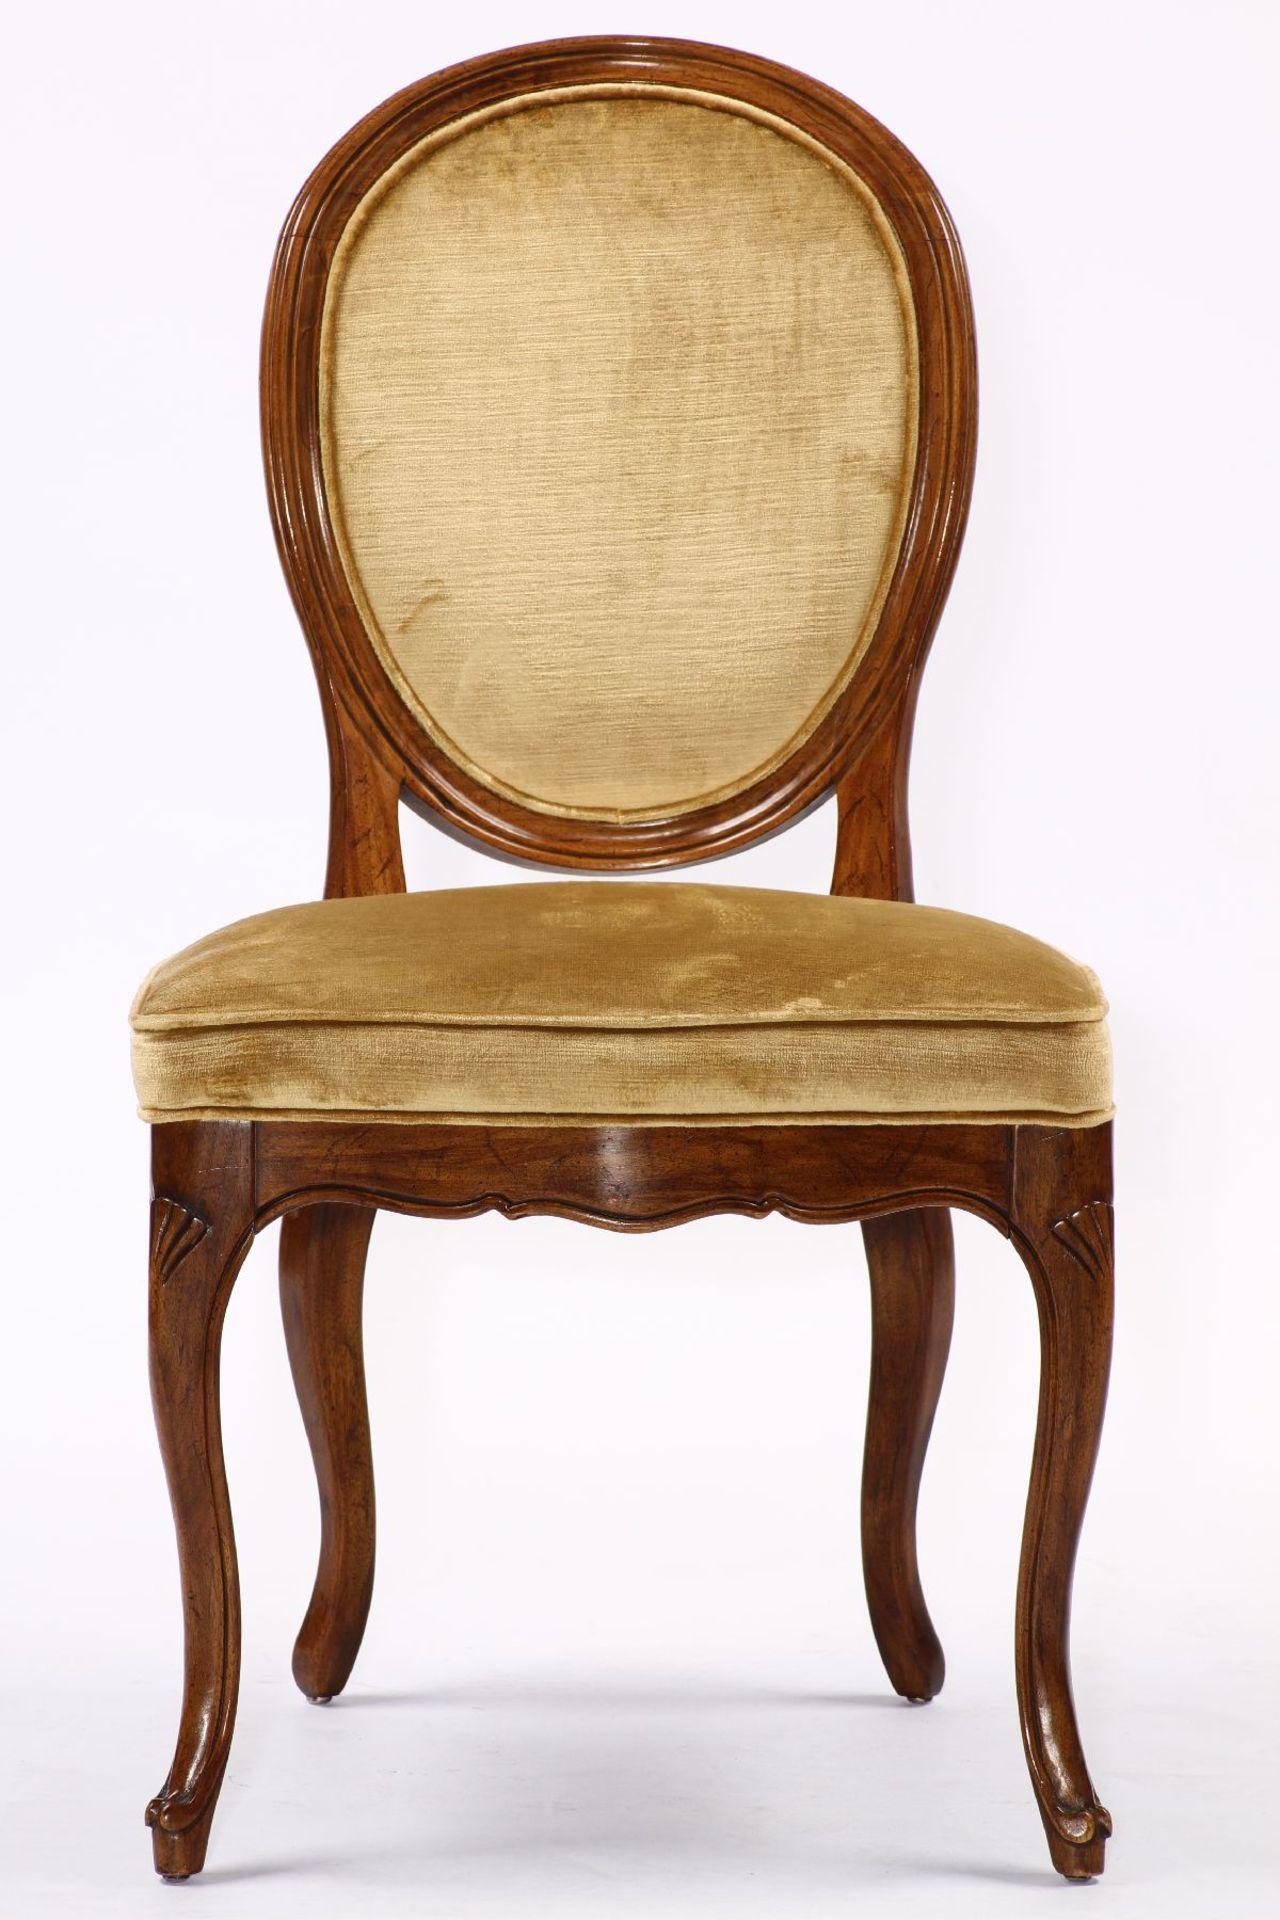 Damenschreibtisch mit Stuhl, 'Davis Cabinet Company', - Image 5 of 6